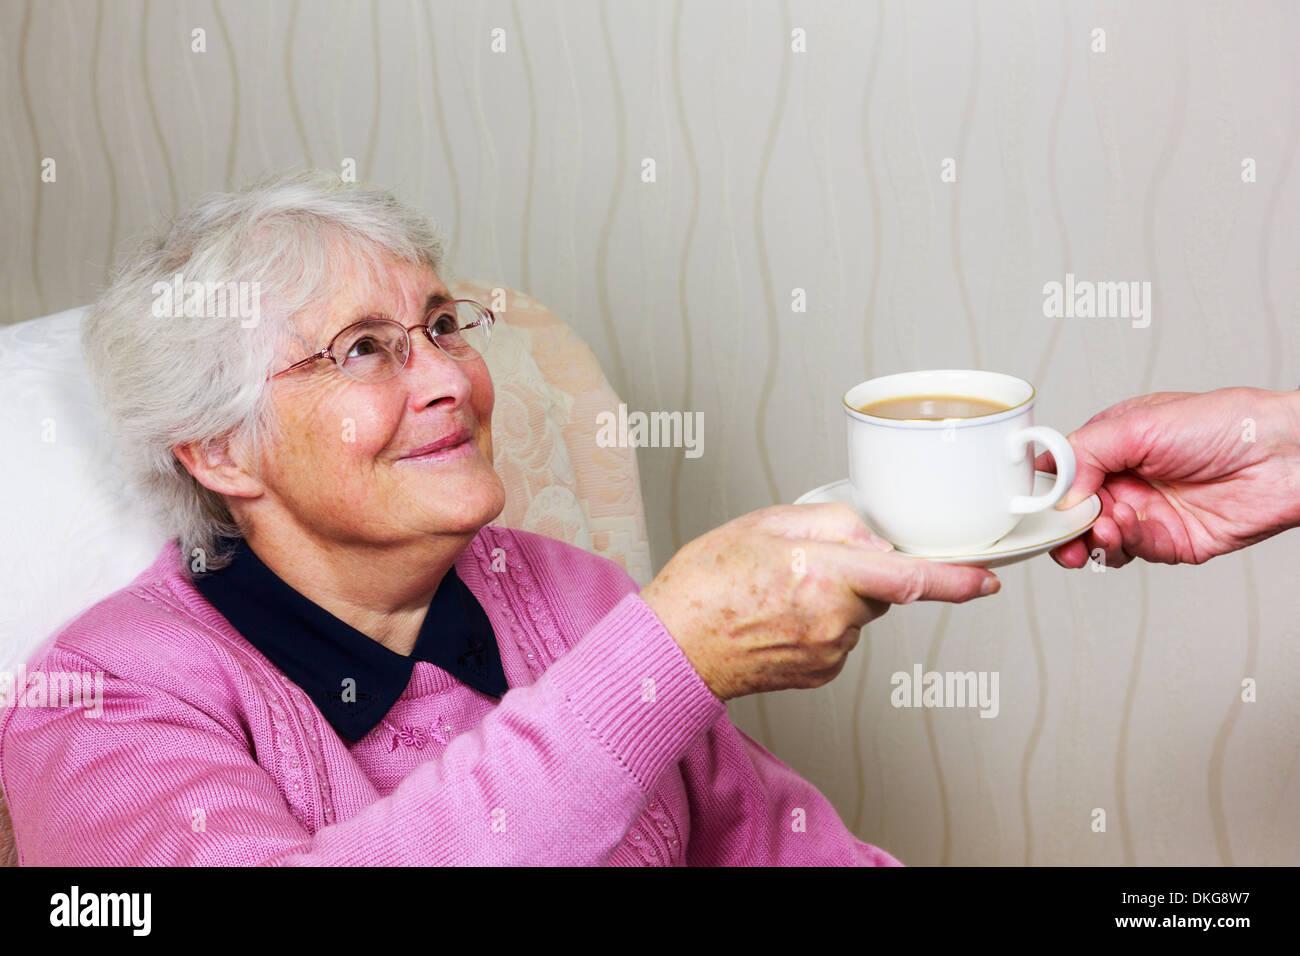 Dulces ancianos frágiles feliz antiguos altos mujer mirando y sonriendo en un cuidador entrega de ella una taza de té durante los días de cuidado diario visita a domicilio. Inglaterra Imagen De Stock